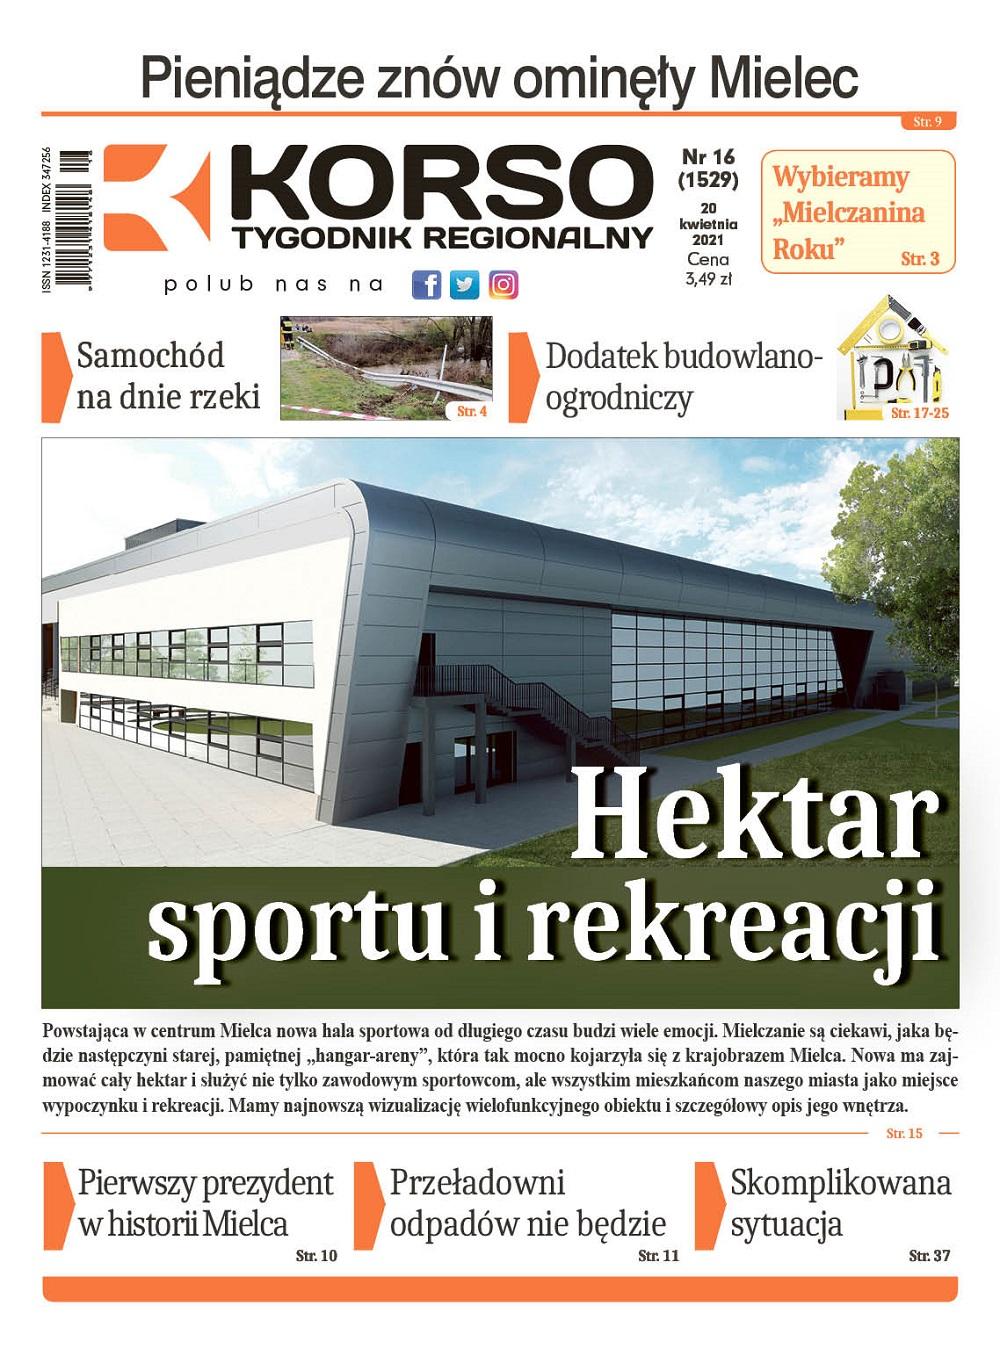 Tygodnik Regionalny KORSO nr 14/2021 - Zdjęcie główne